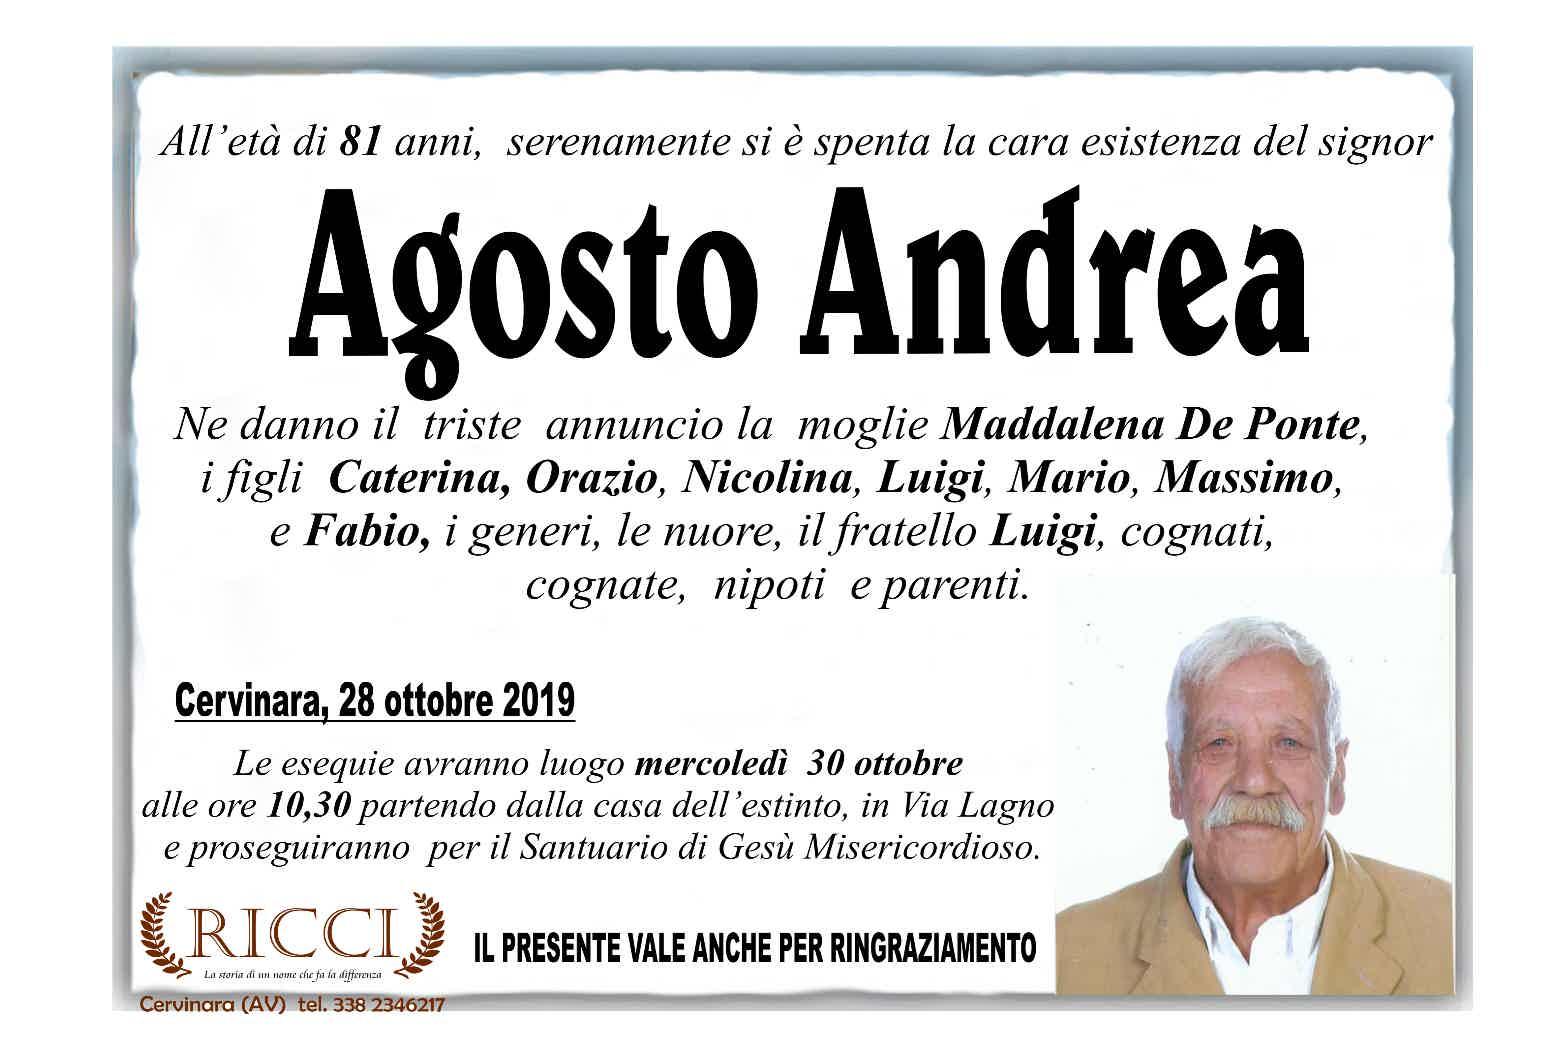 Andrea Agosto